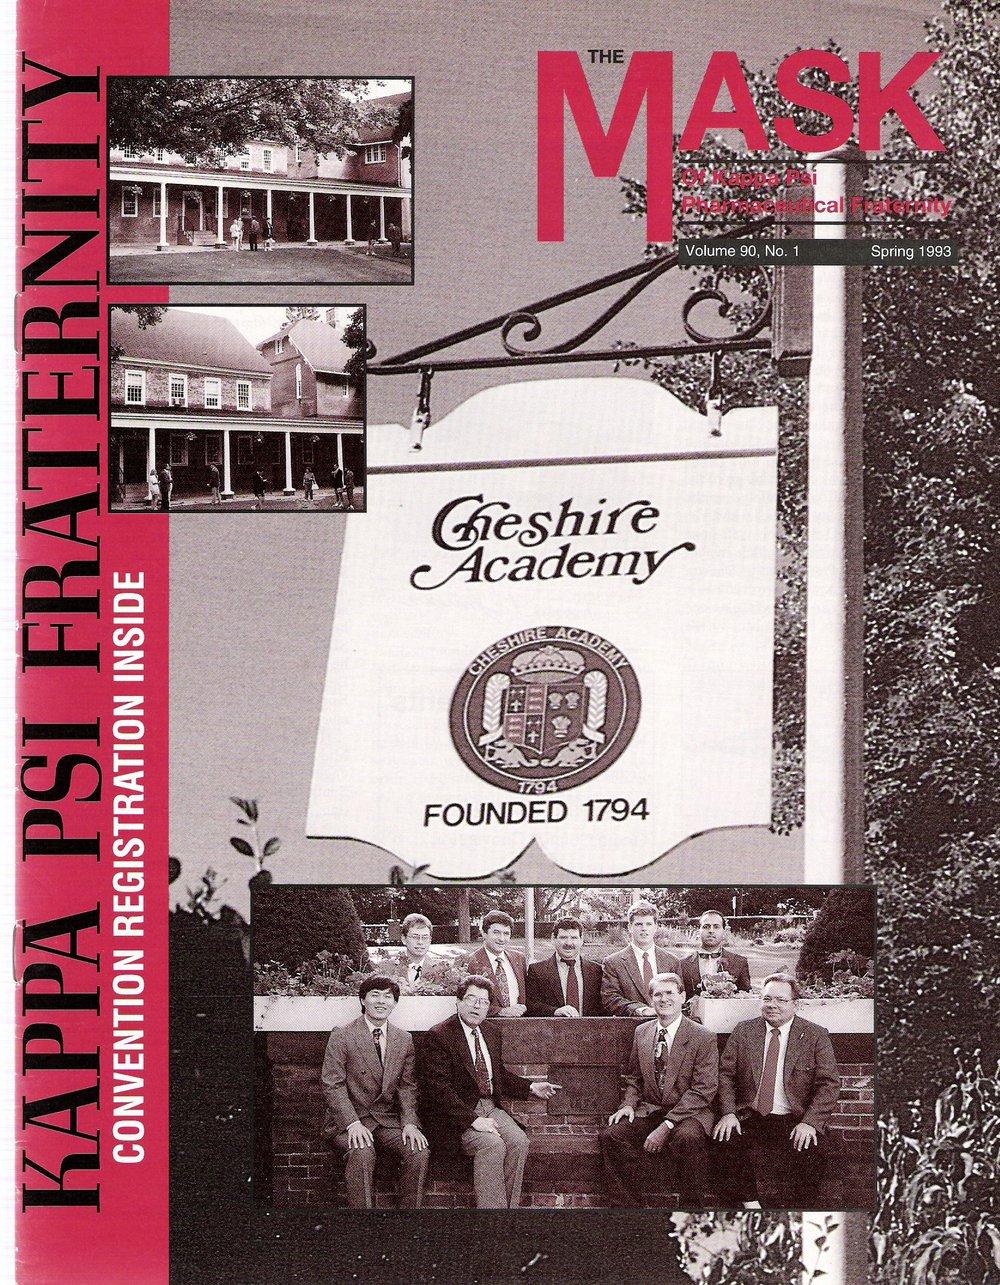 mask_cover_03_1993.jpg